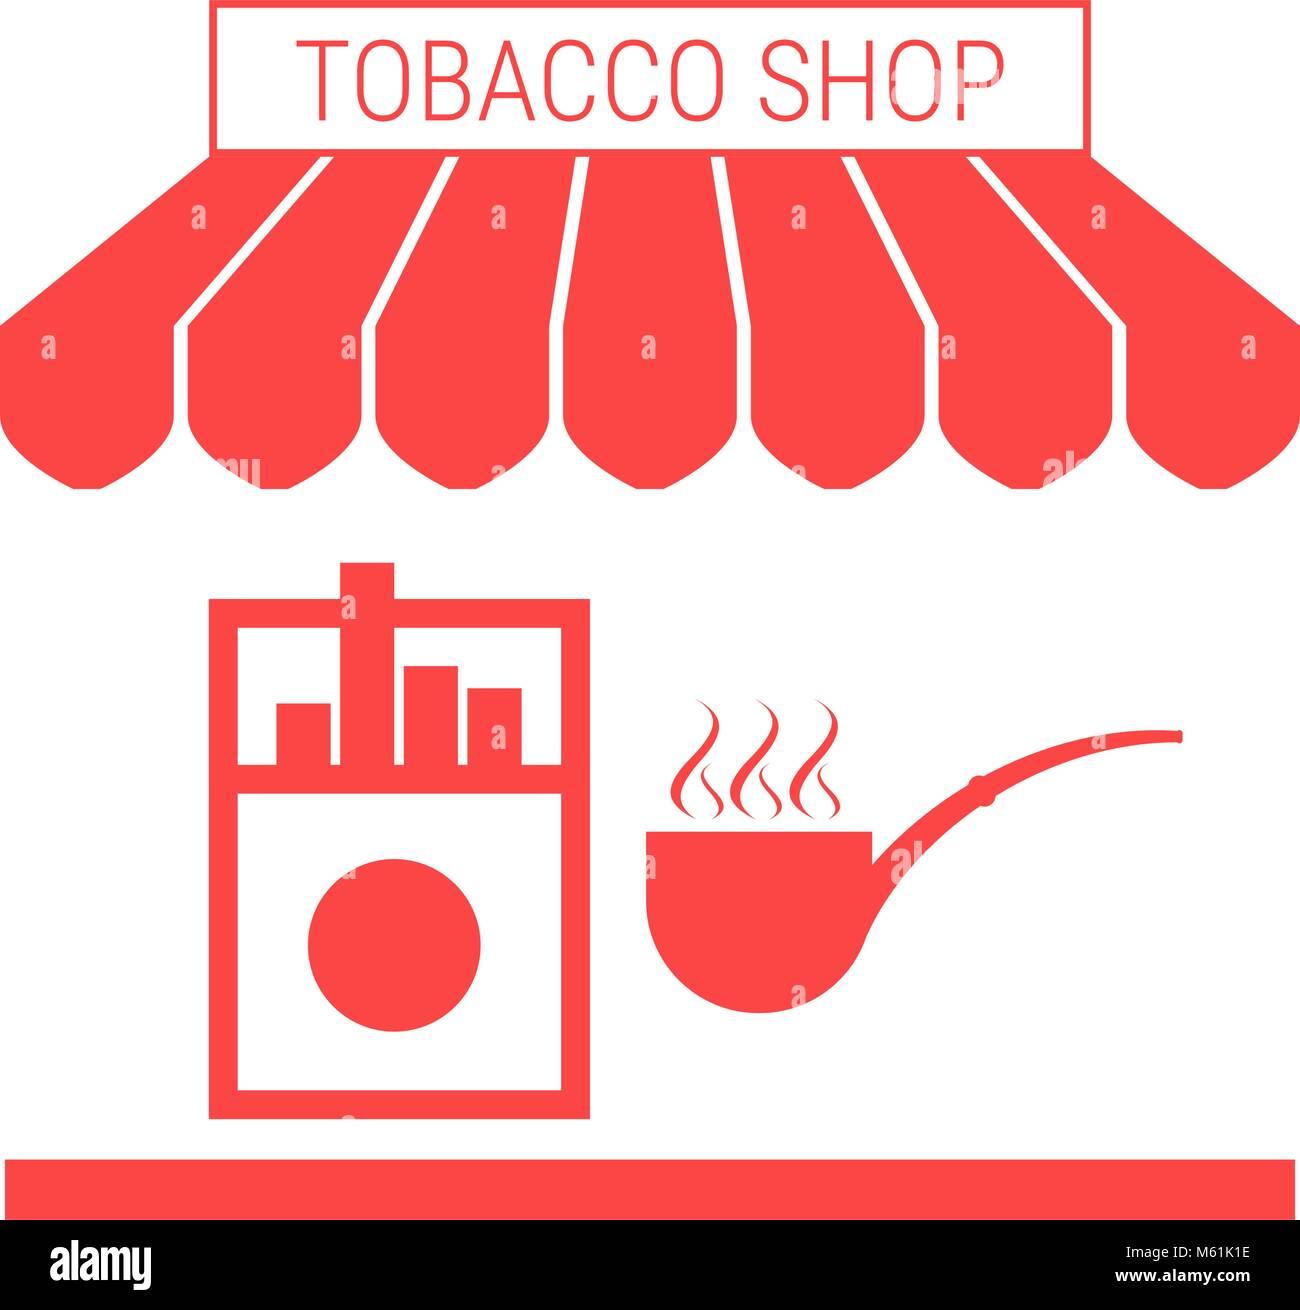 Cigarette Store Stock Photos Amp Cigarette Store Stock